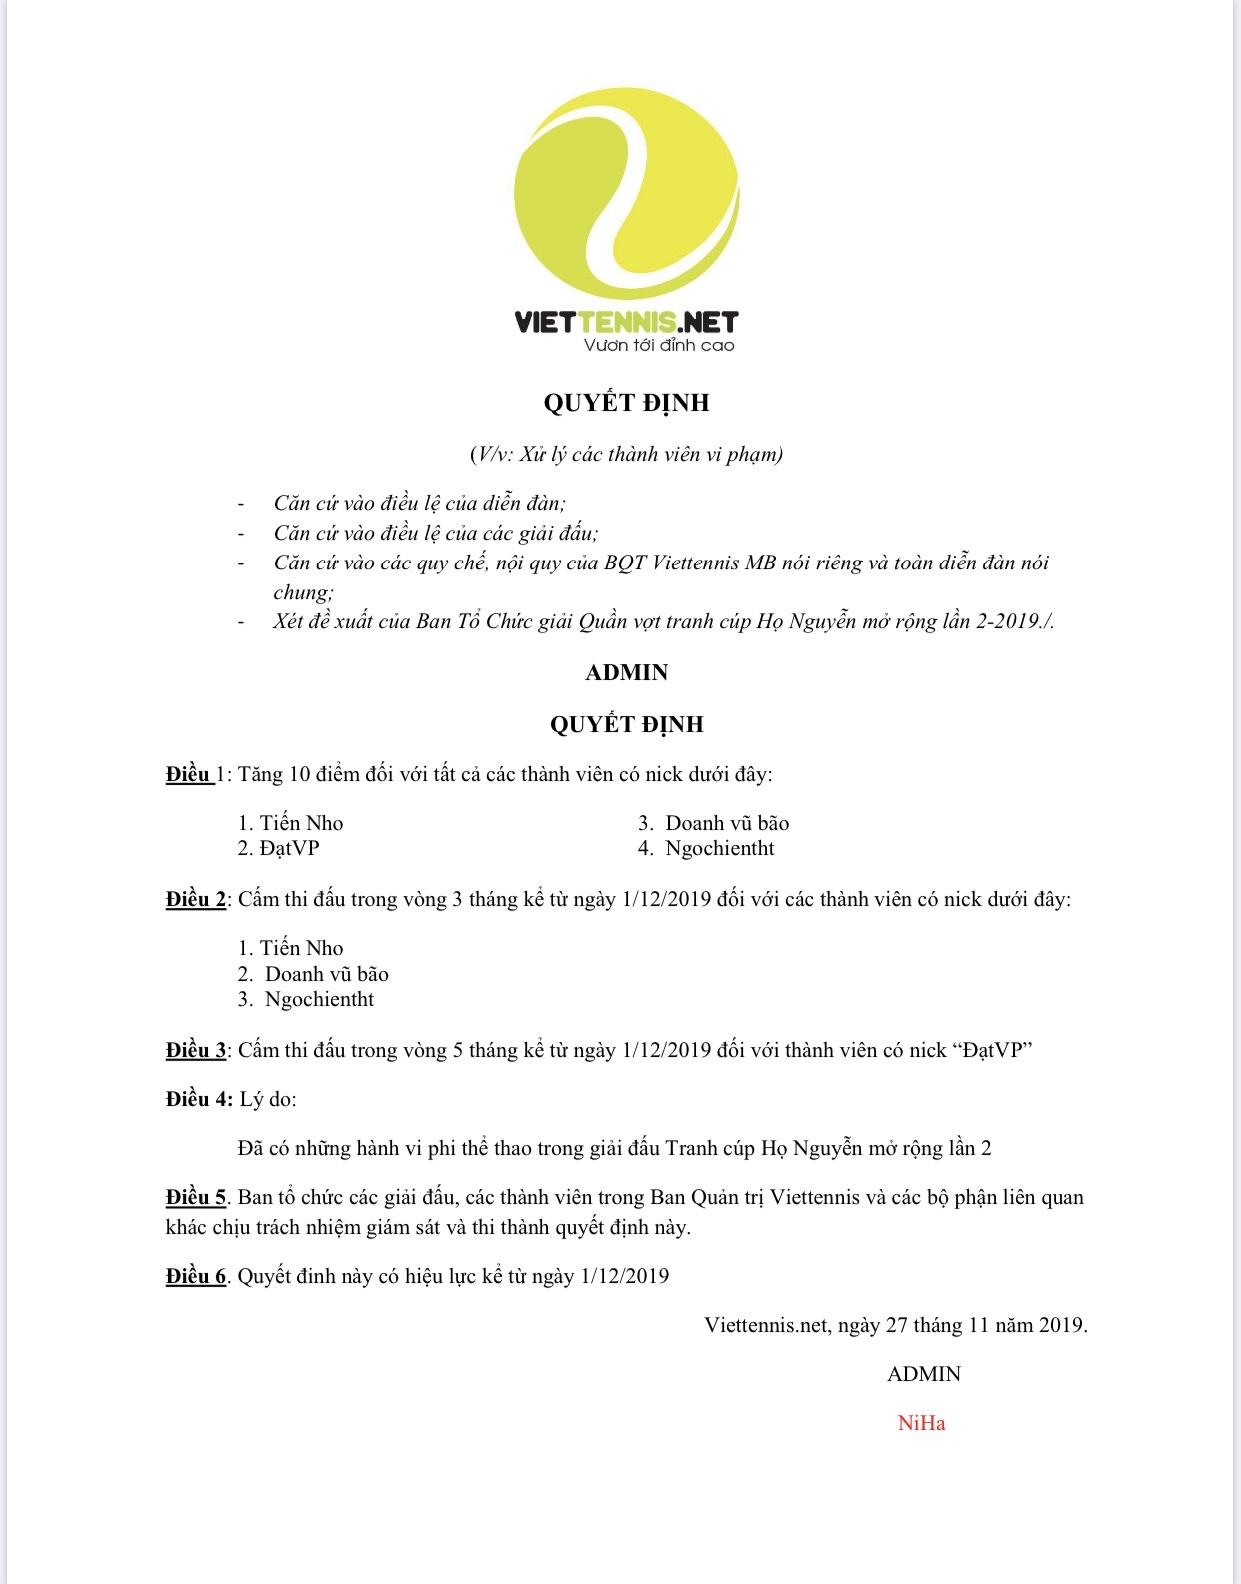 QD xử phạt 4 VDV giai ho Nguyen 2.jpg